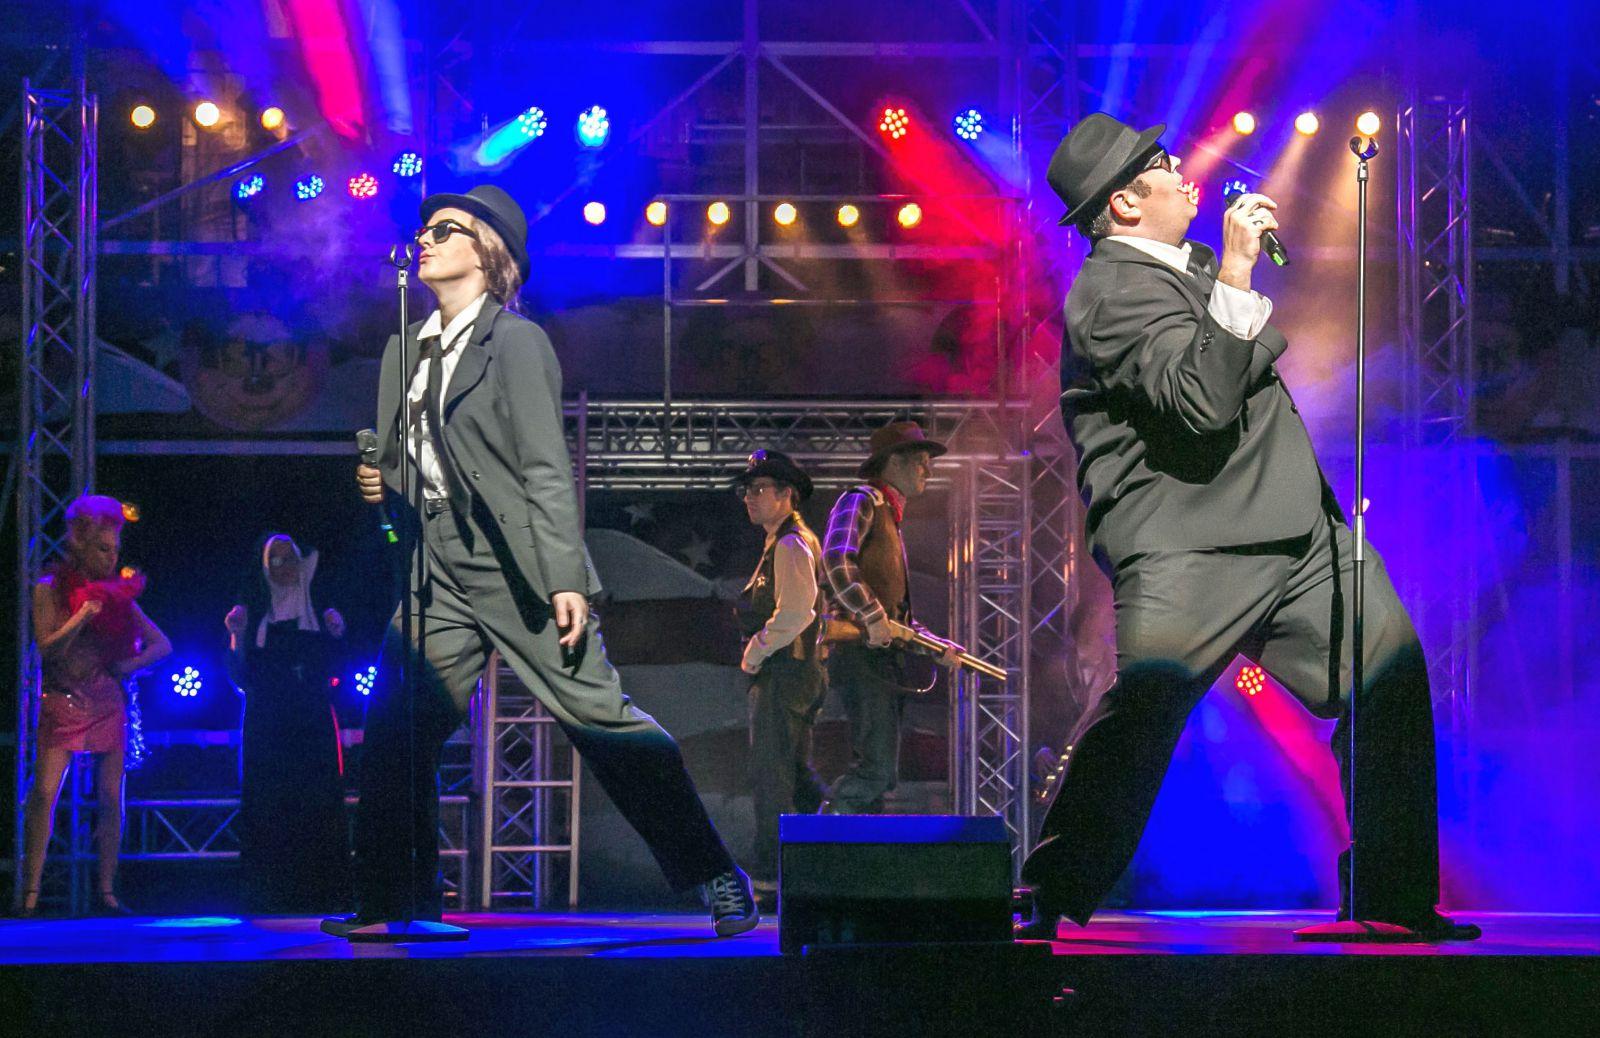 487BluesBrothers_Foto@JQuast